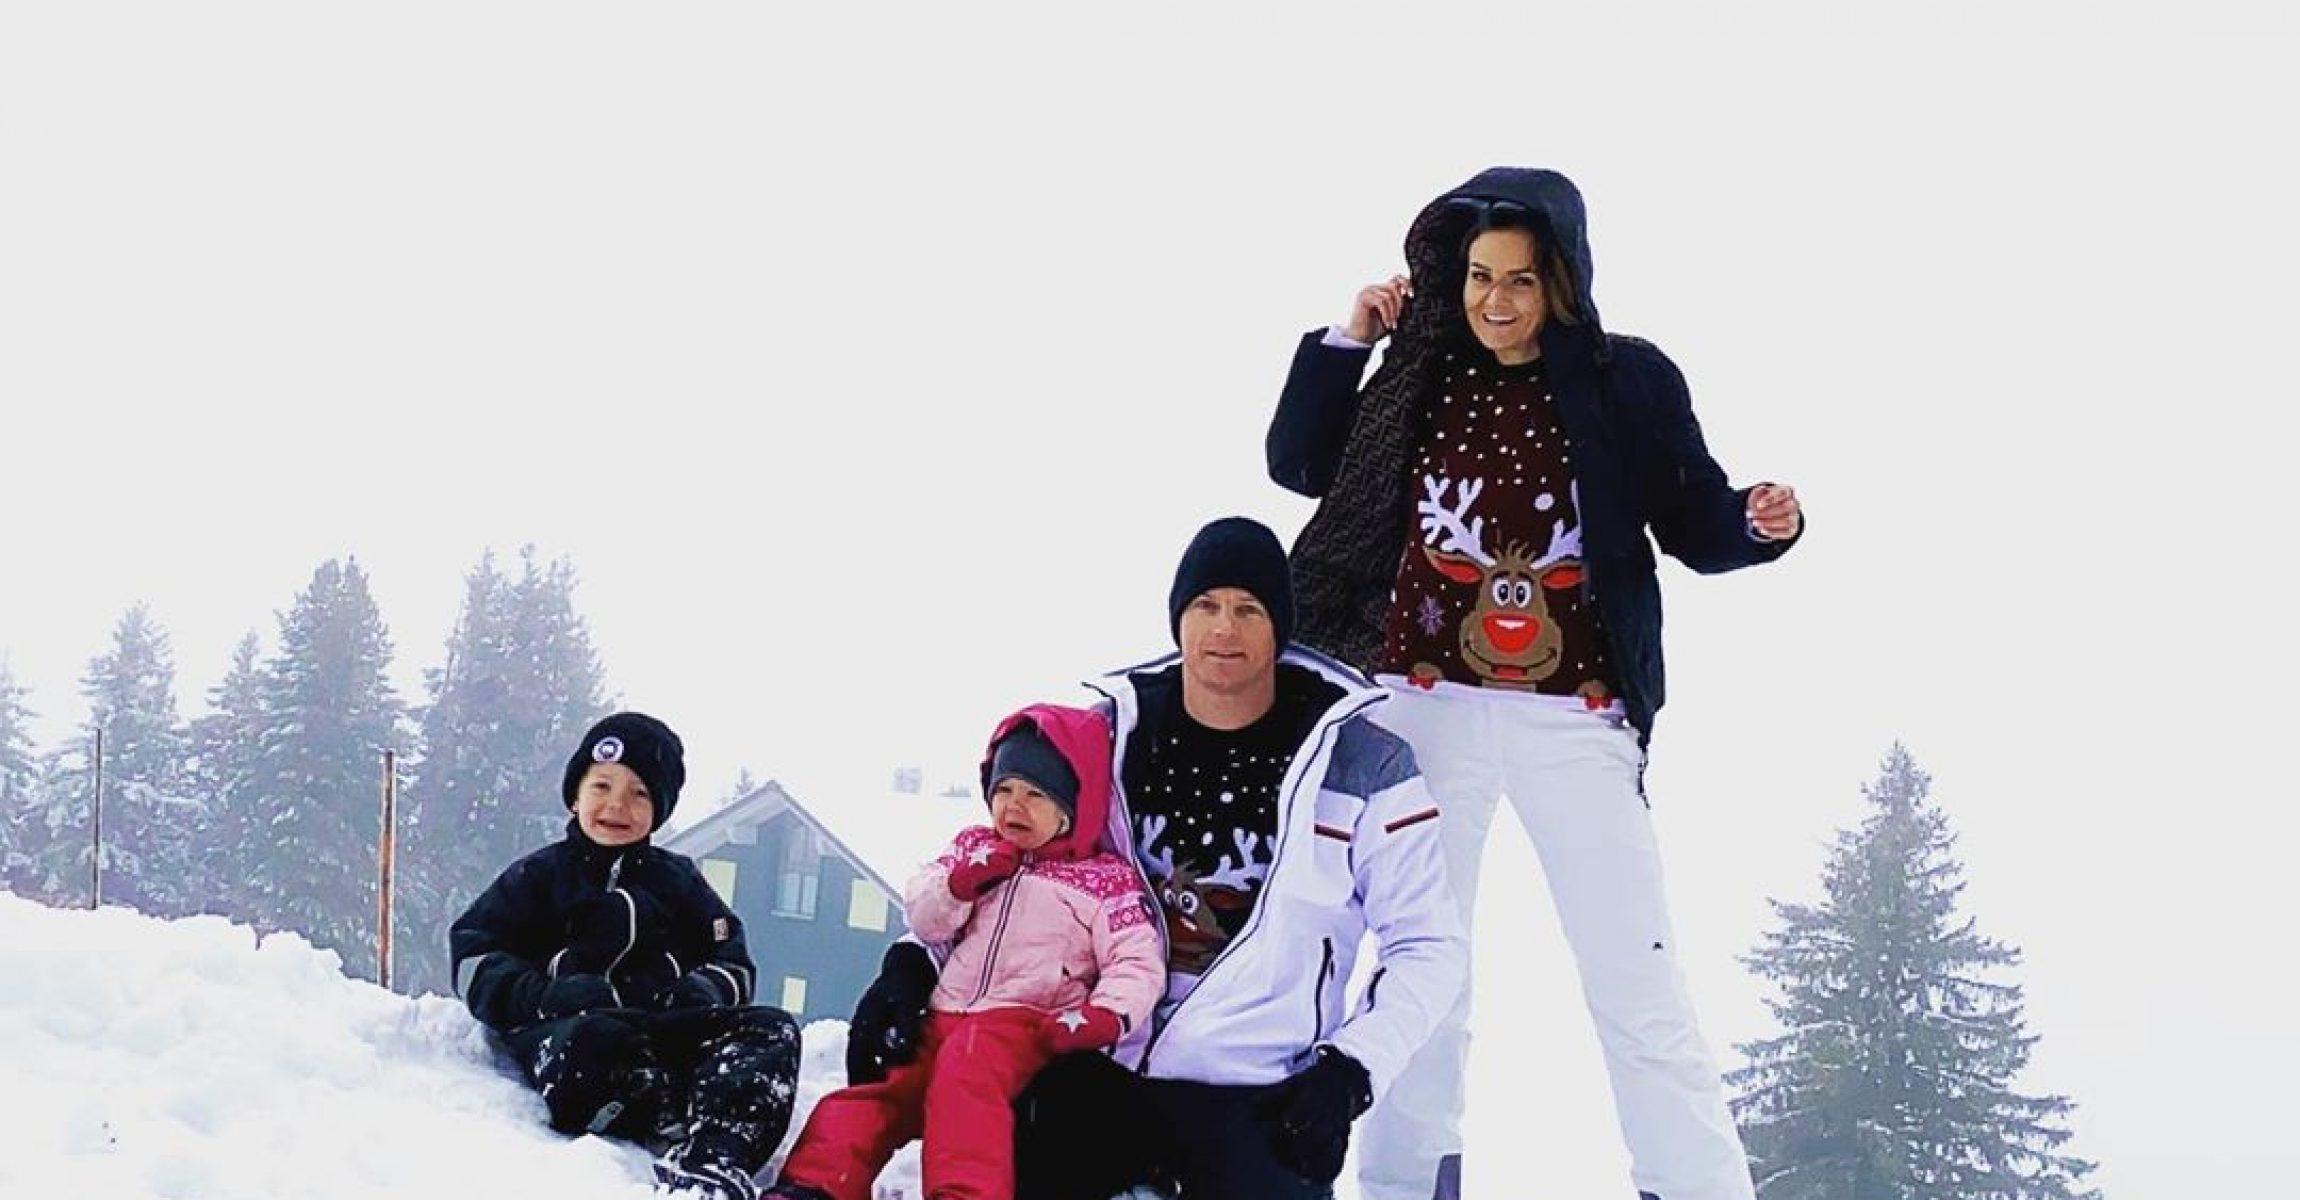 Kimi Räikkönen Minttu Räikkönen Robin Räikkönen Rianna Räikkönen family